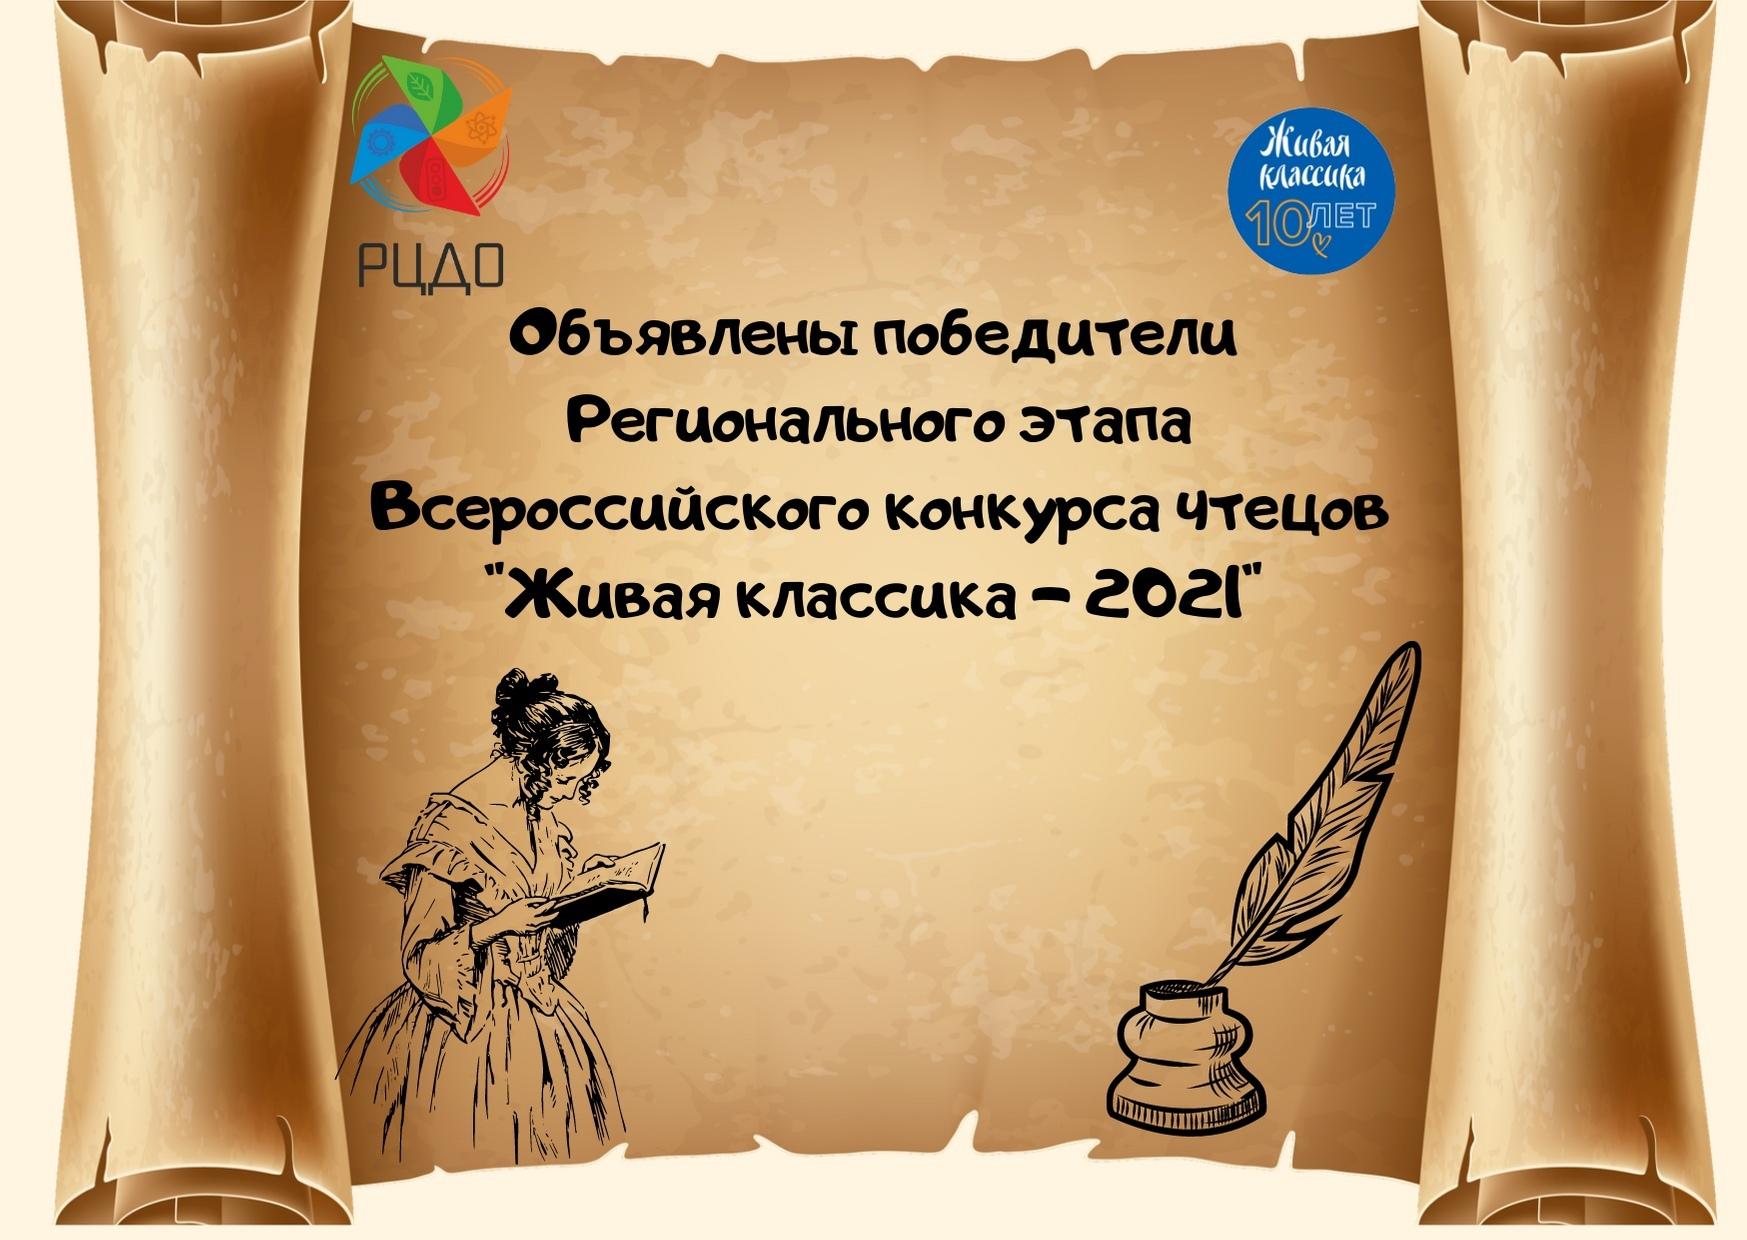 Объявлены победители Регионального этапа Всероссийского конкурса чтецов «Живая классика -2021»